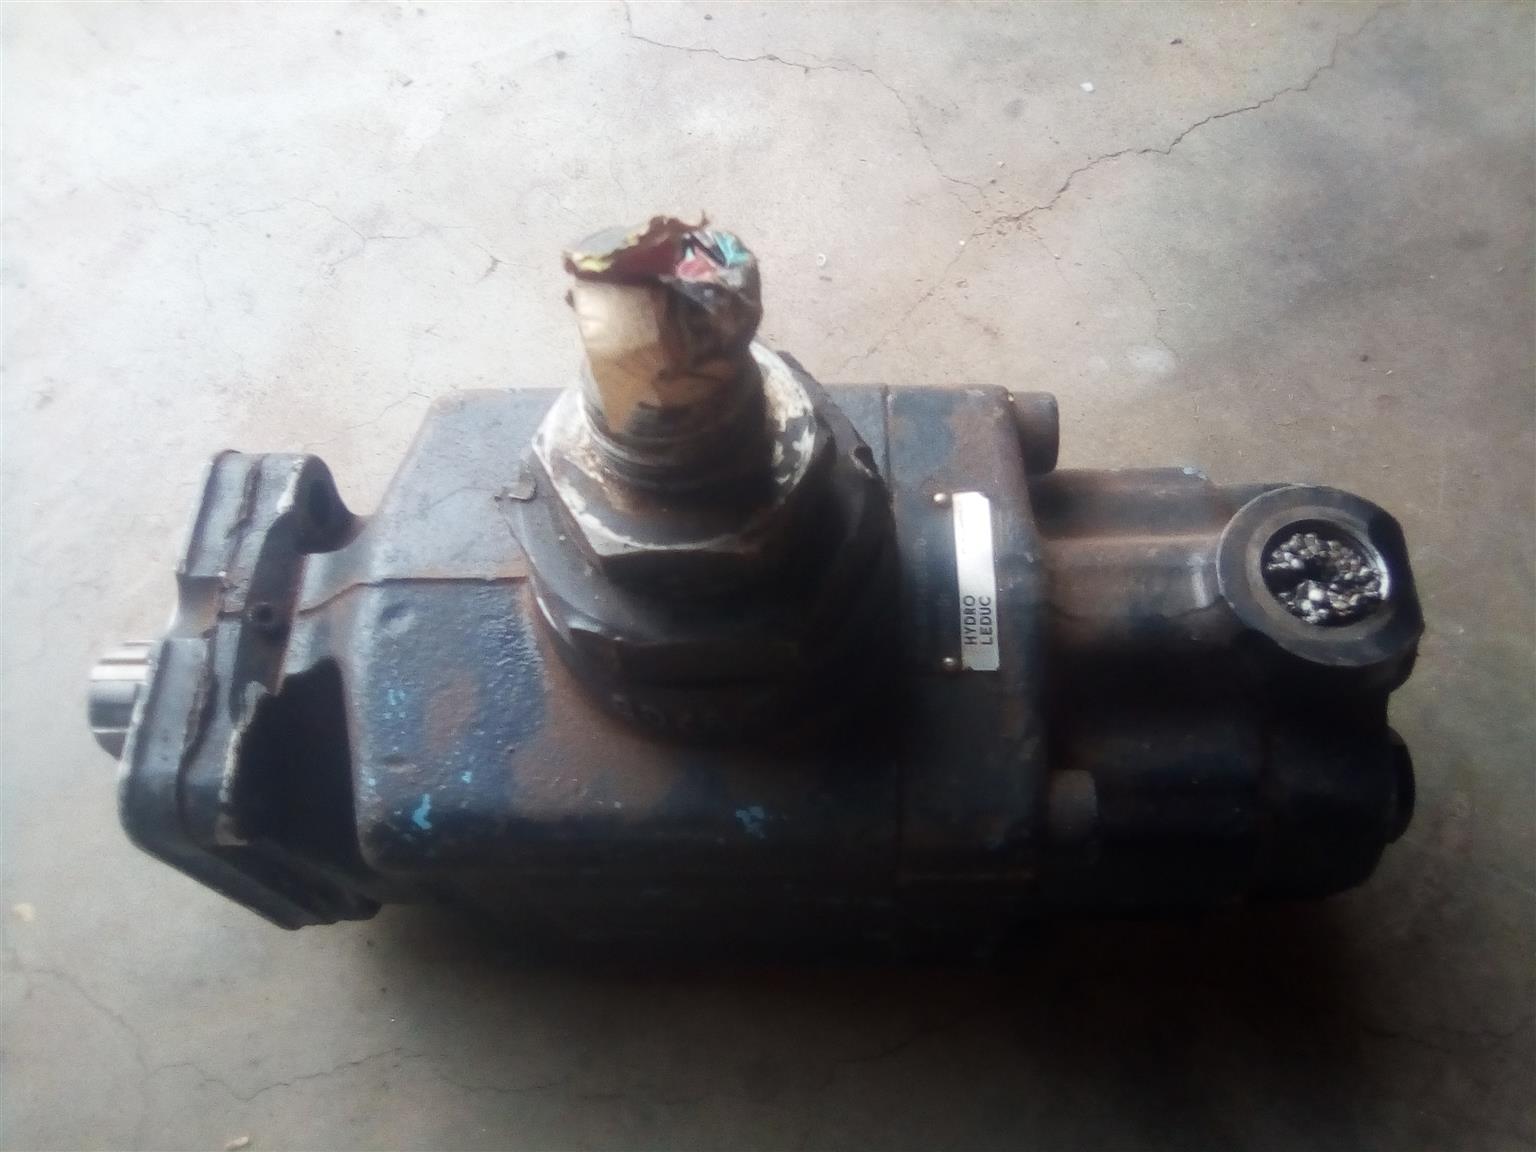 Hydraulic Pump for sale - R4000 ono